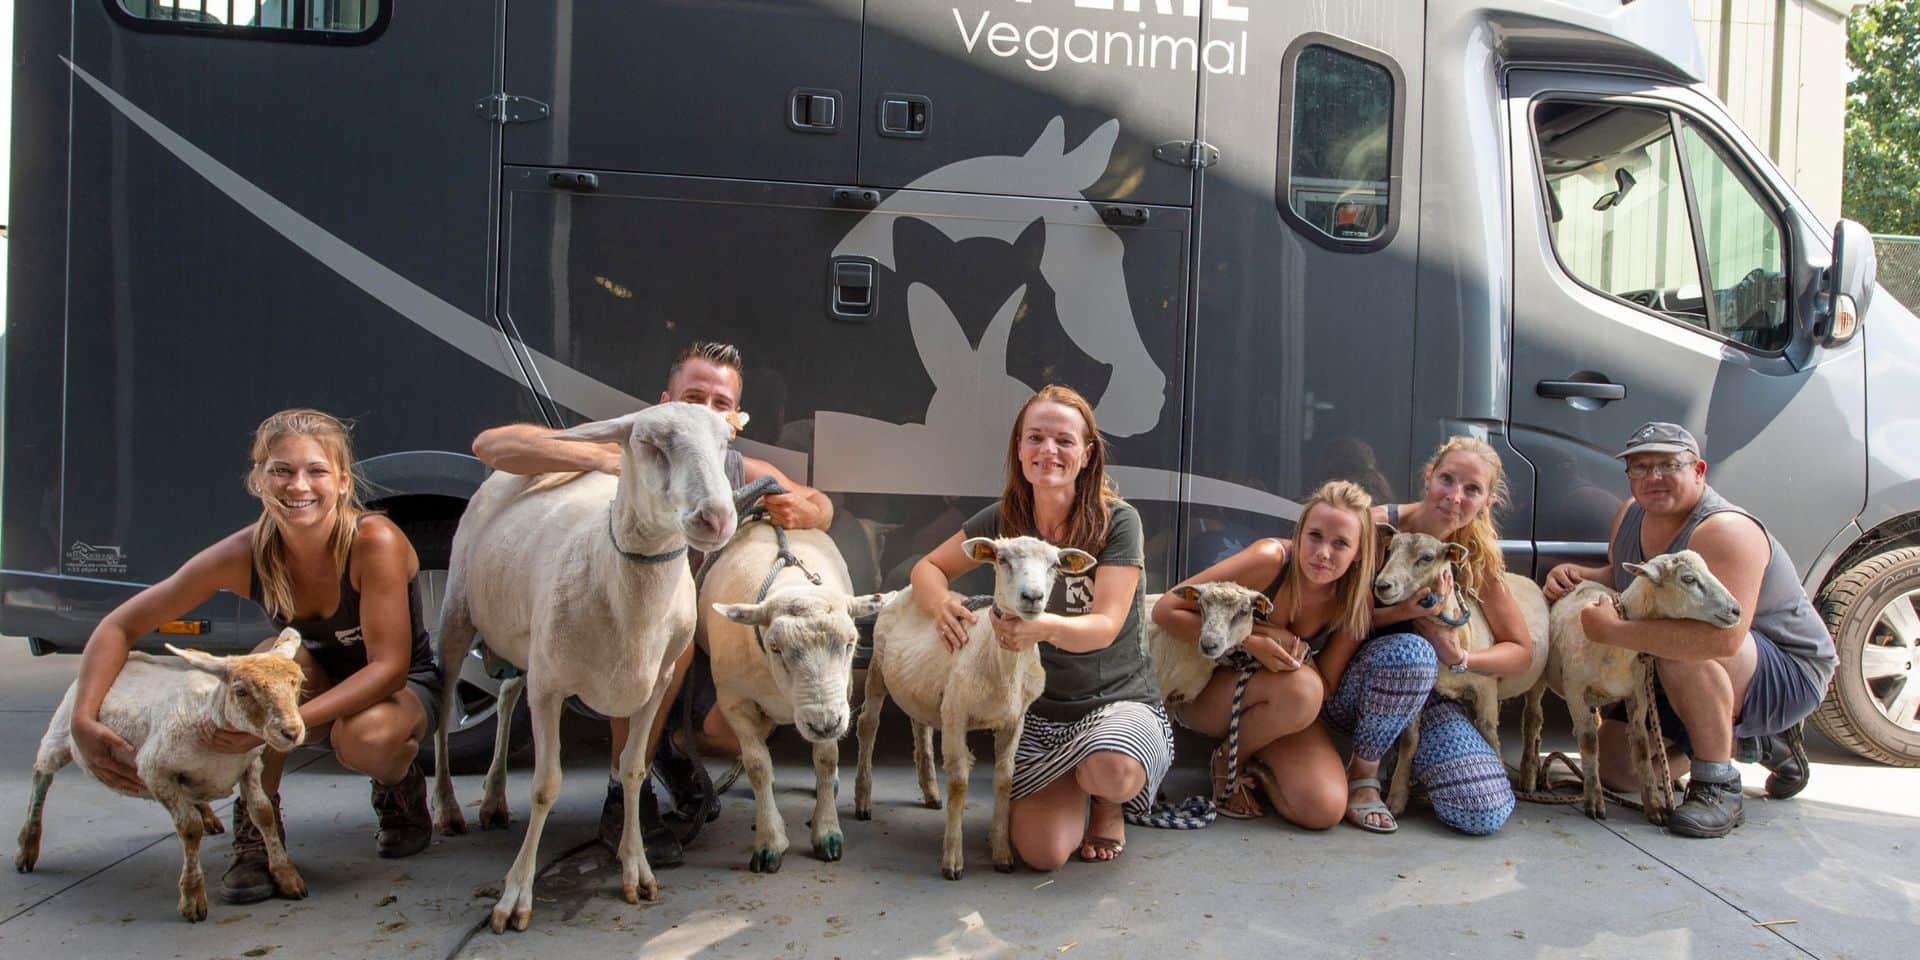 6000 euros d'amende et 24 000 euros d'indemnité pour maltraitance animale à Piéton